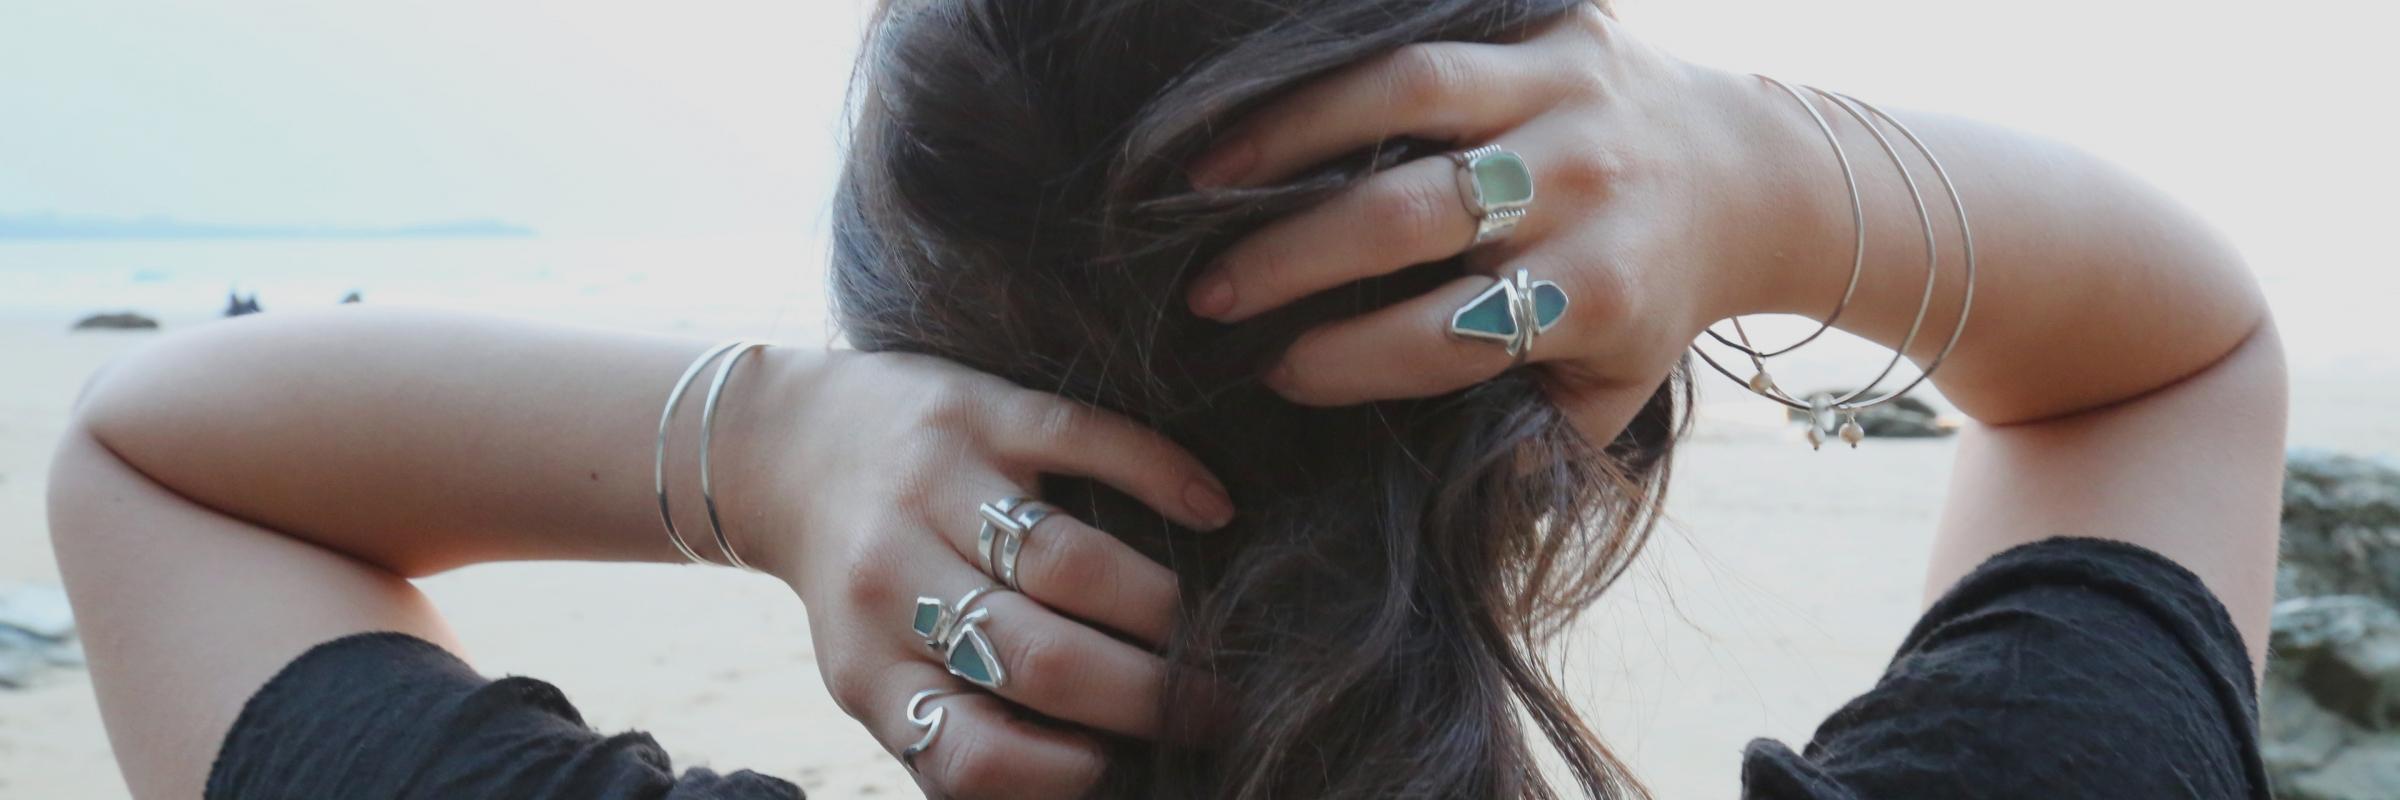 SeaSurfRocks ocean inspired sterling silver jewellery handmade in Cornwall Slider 2